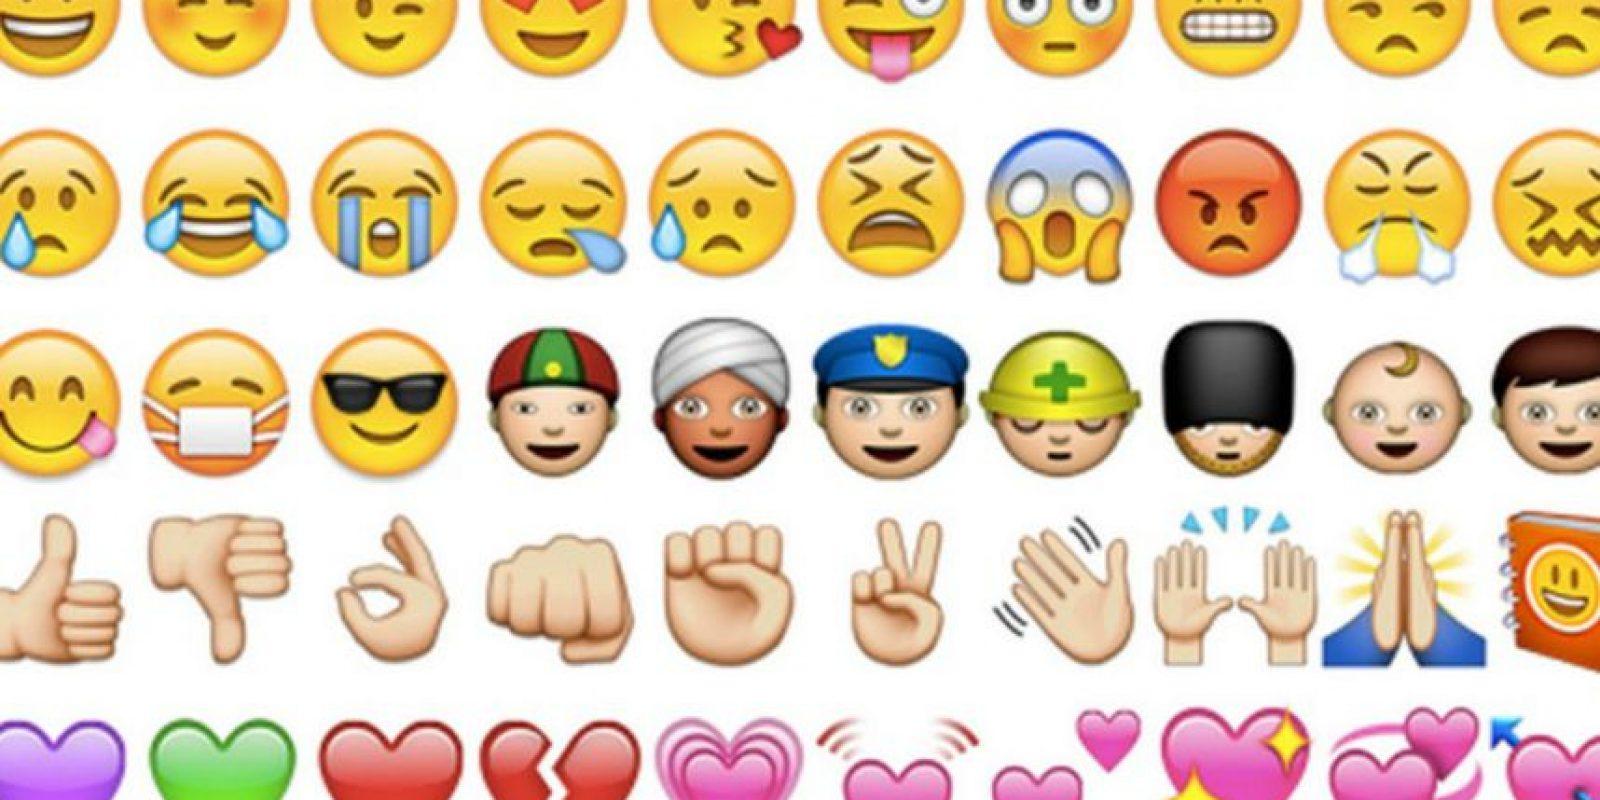 Los emojis también funcionan para mostrar sus malestares. Foto:Pinterest